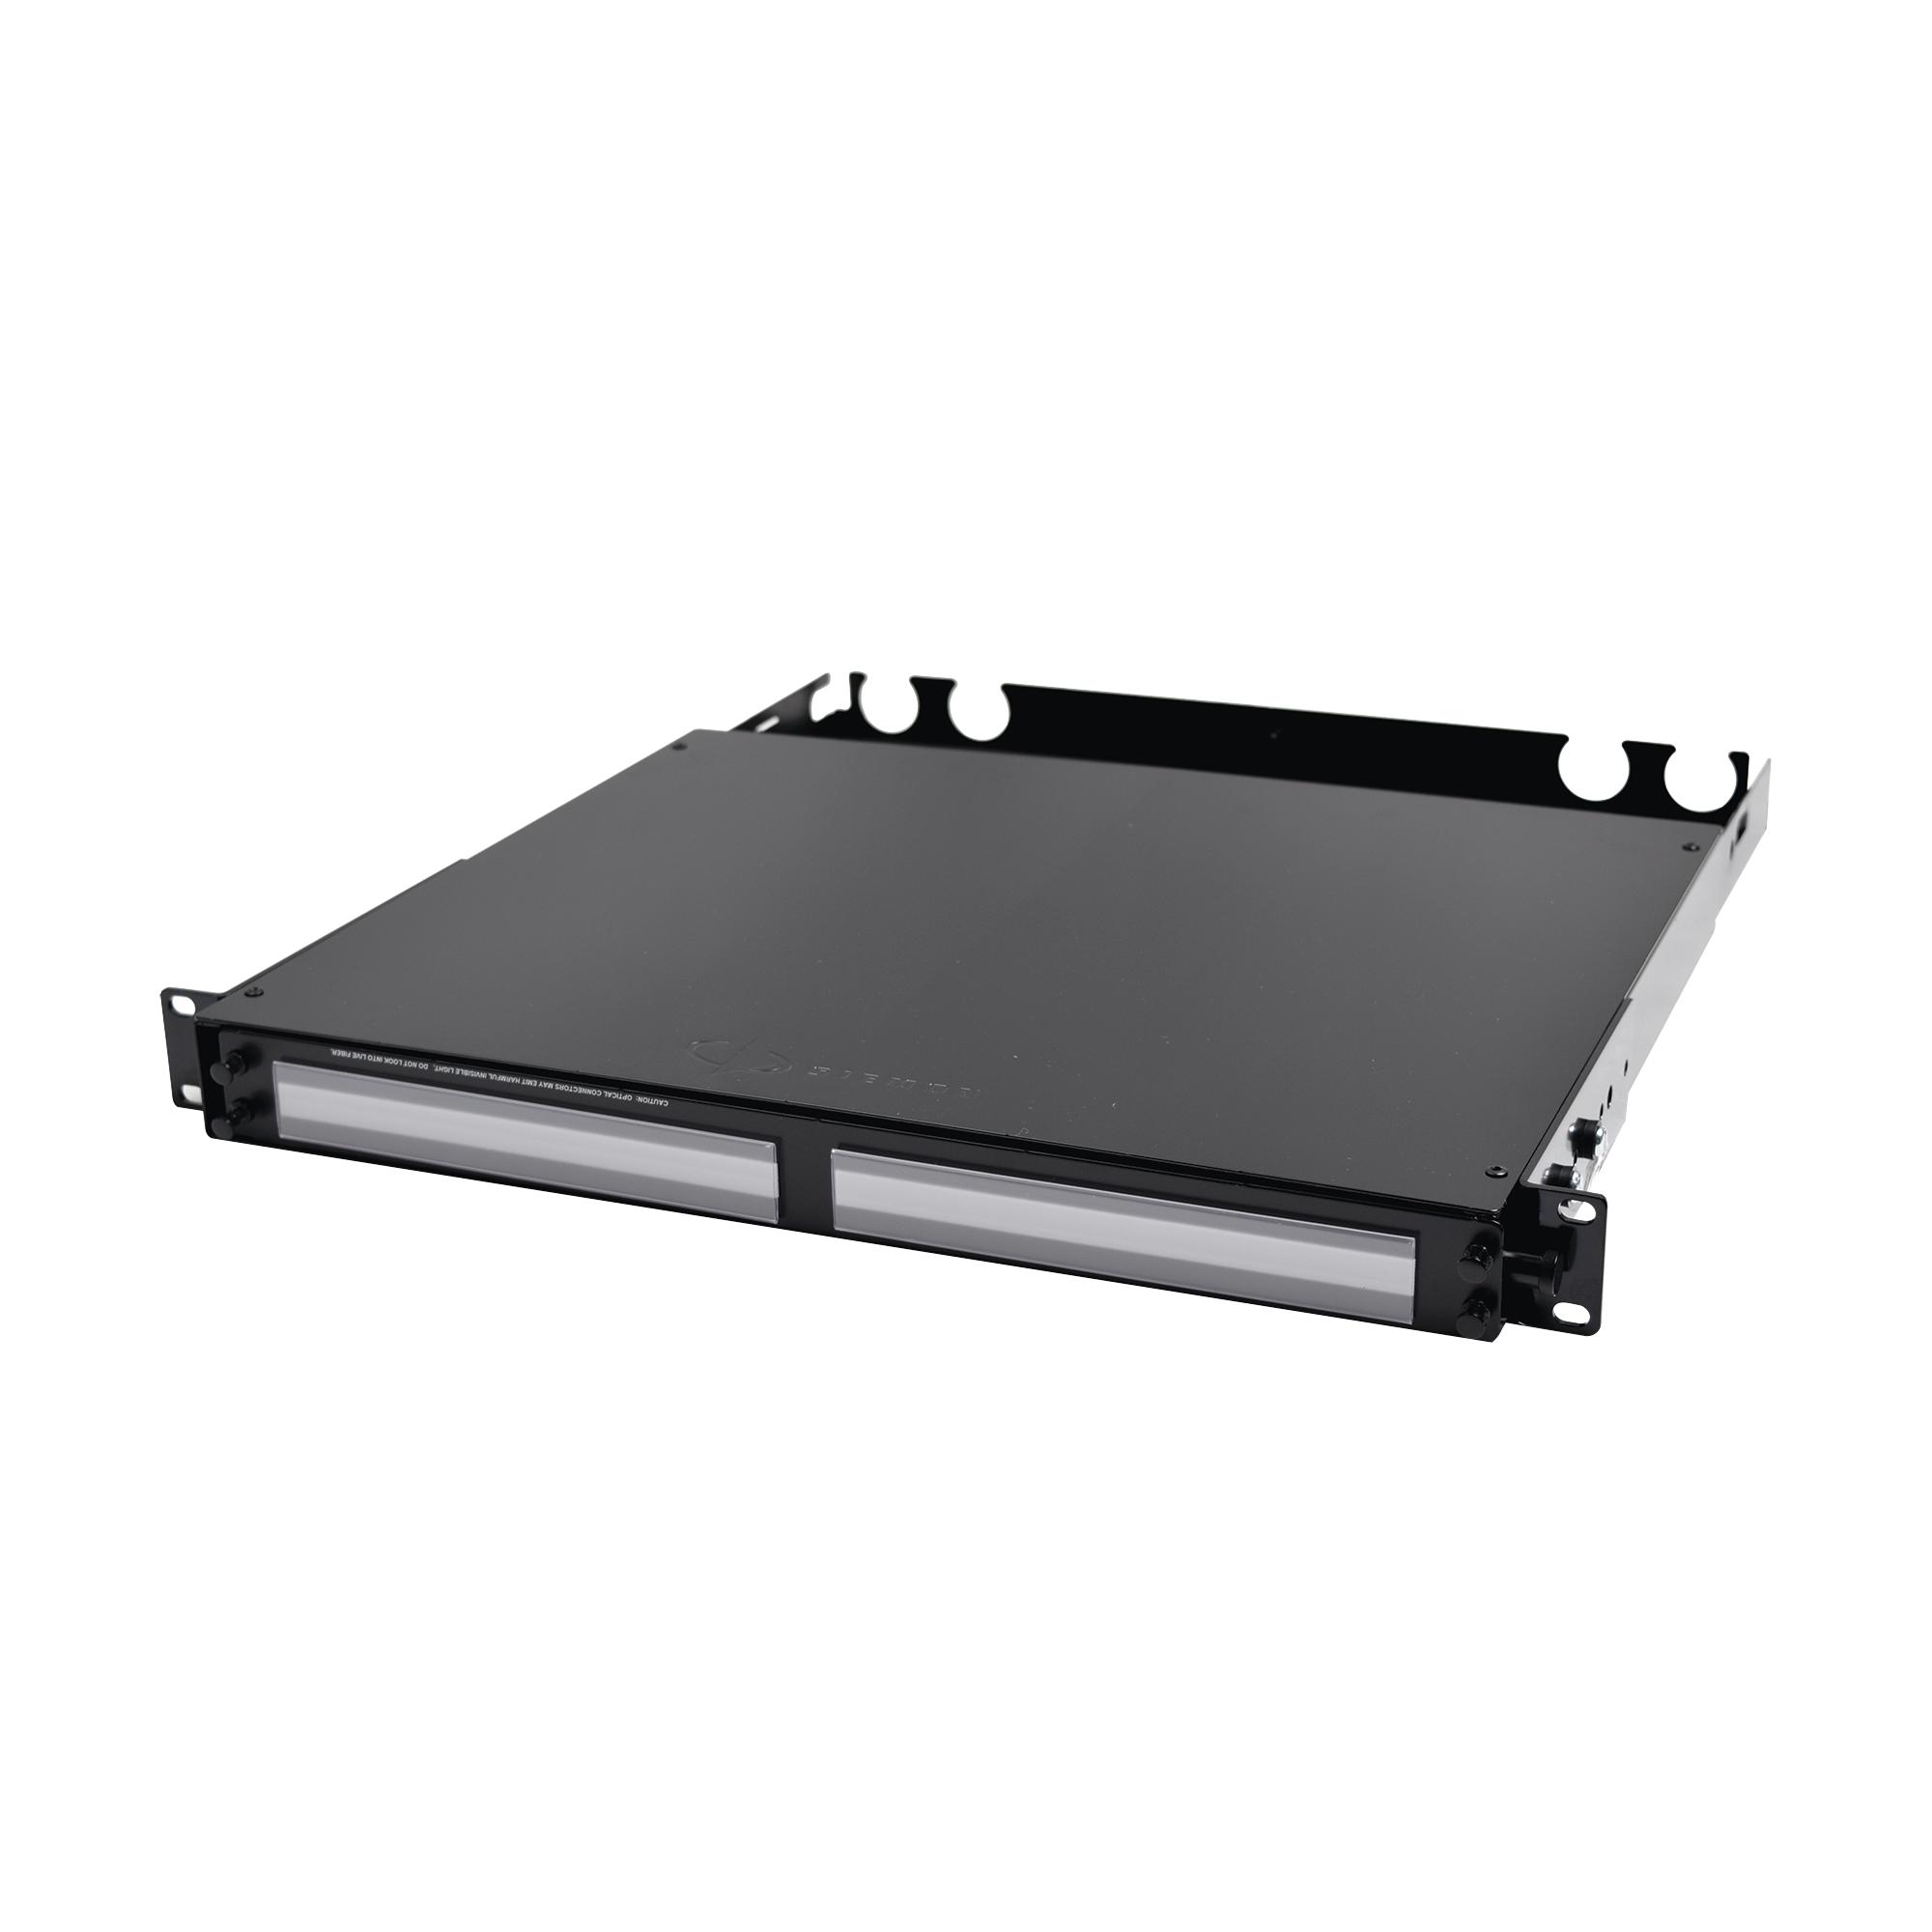 Panel de Conexión de Fibra de Alta Densidad, Para Rack de 19in, Acepta 4 Placas Plug and Play, Hasta 96 Fibras, 1 UR